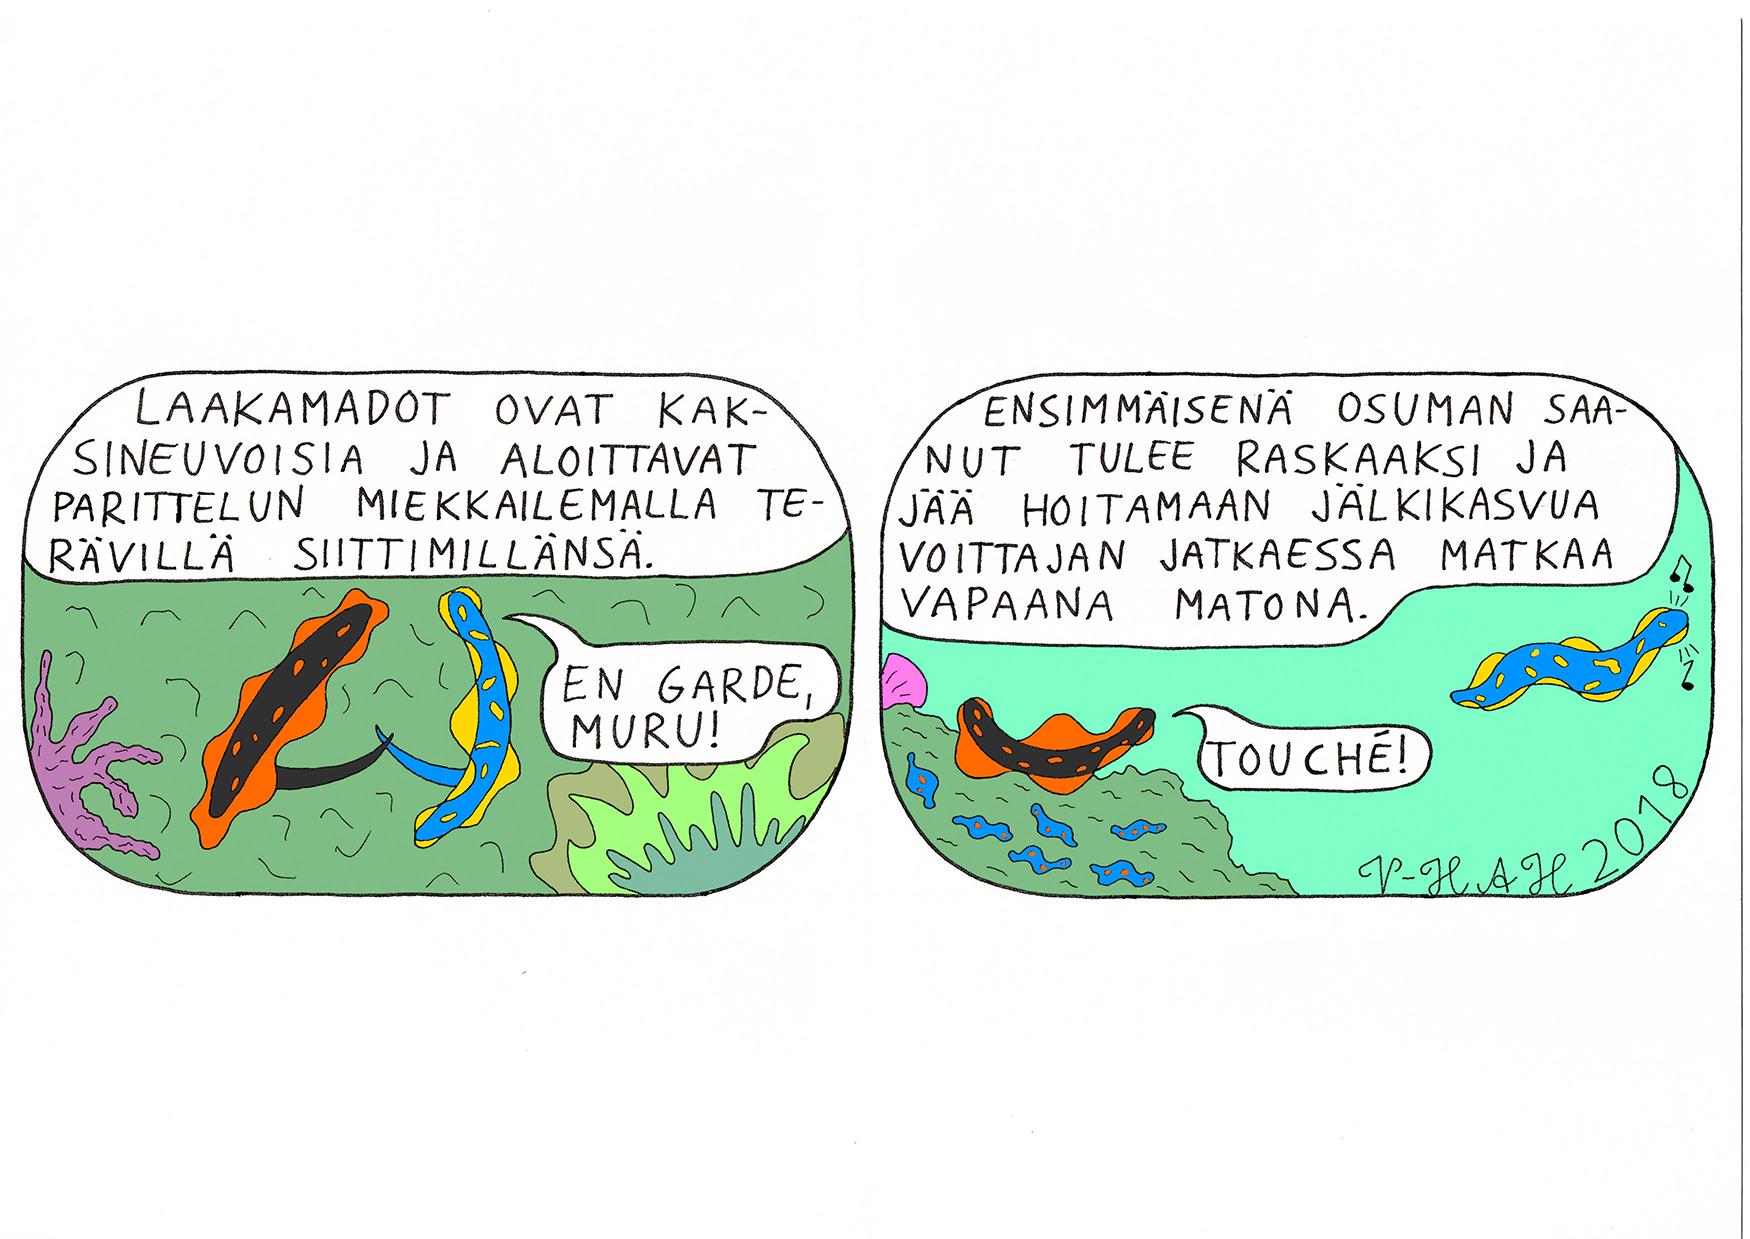 Vesa-Heikki Hietanen Kuplivaa elämää 29